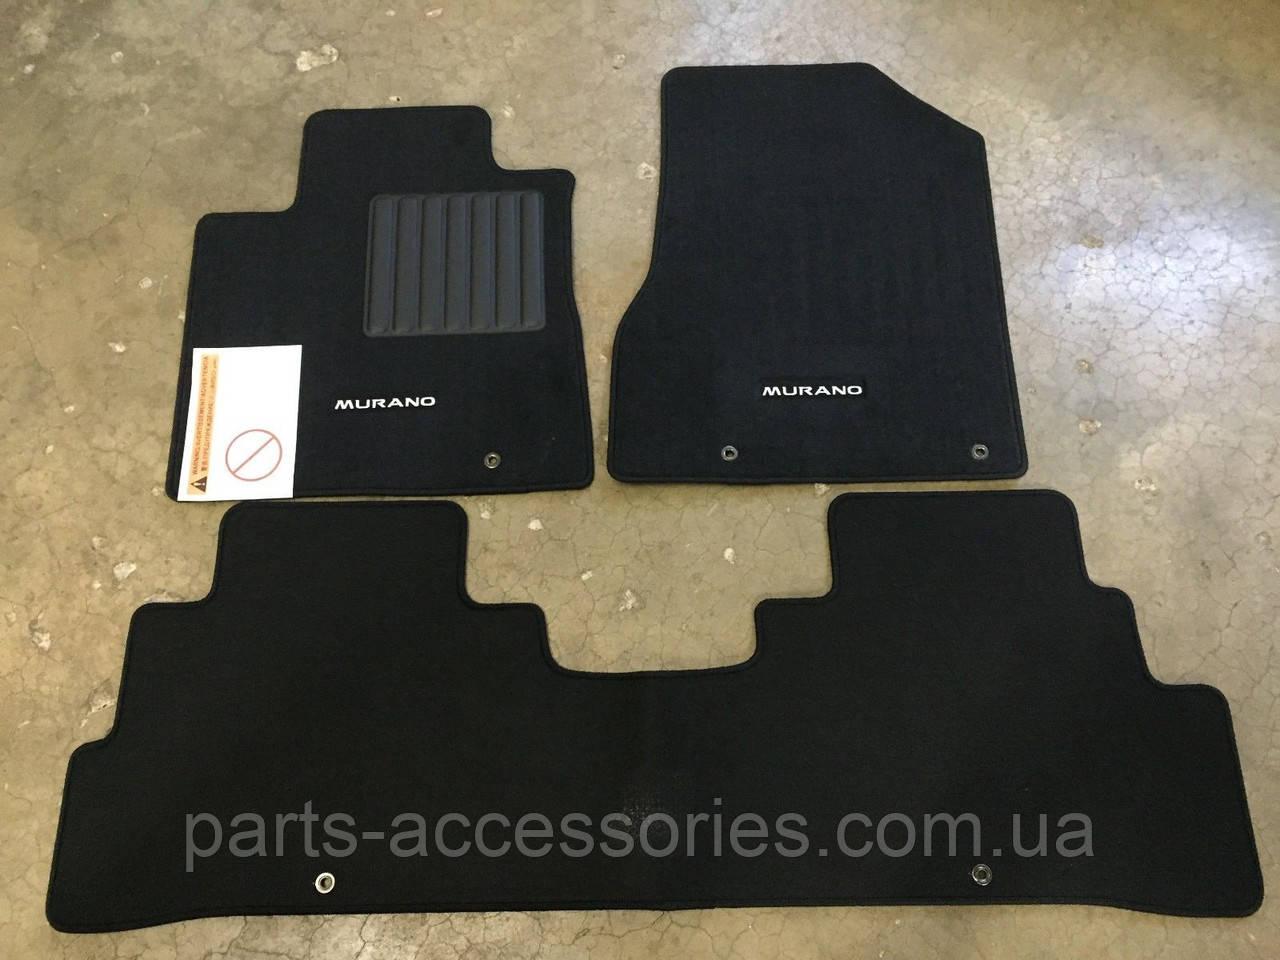 Коврики велюровые черные передние задние Nissan Murano 2014-17 новые оригинальные